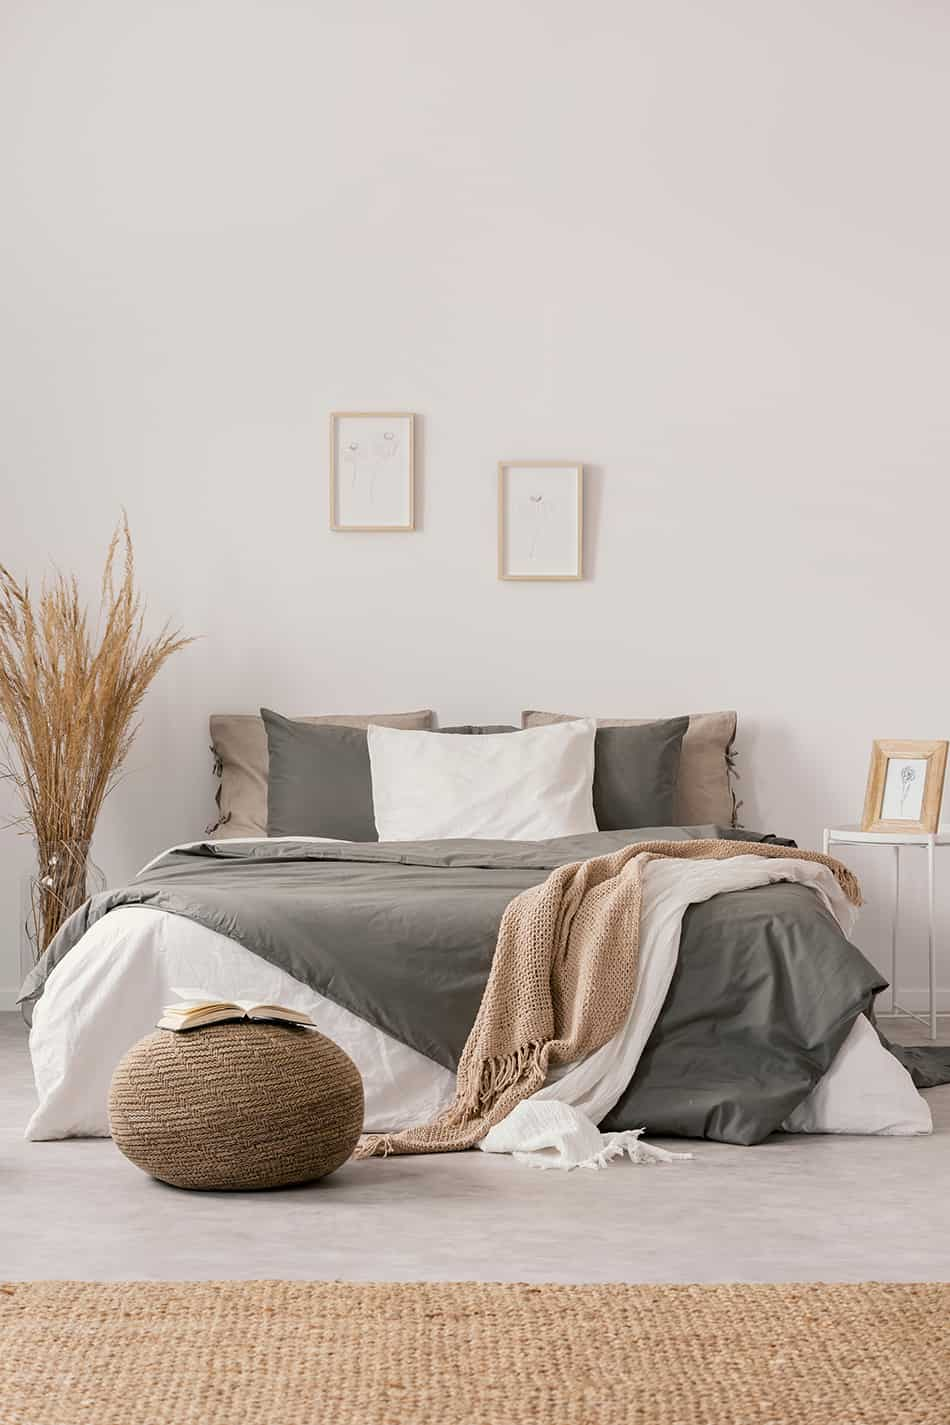 Accent tones with beige